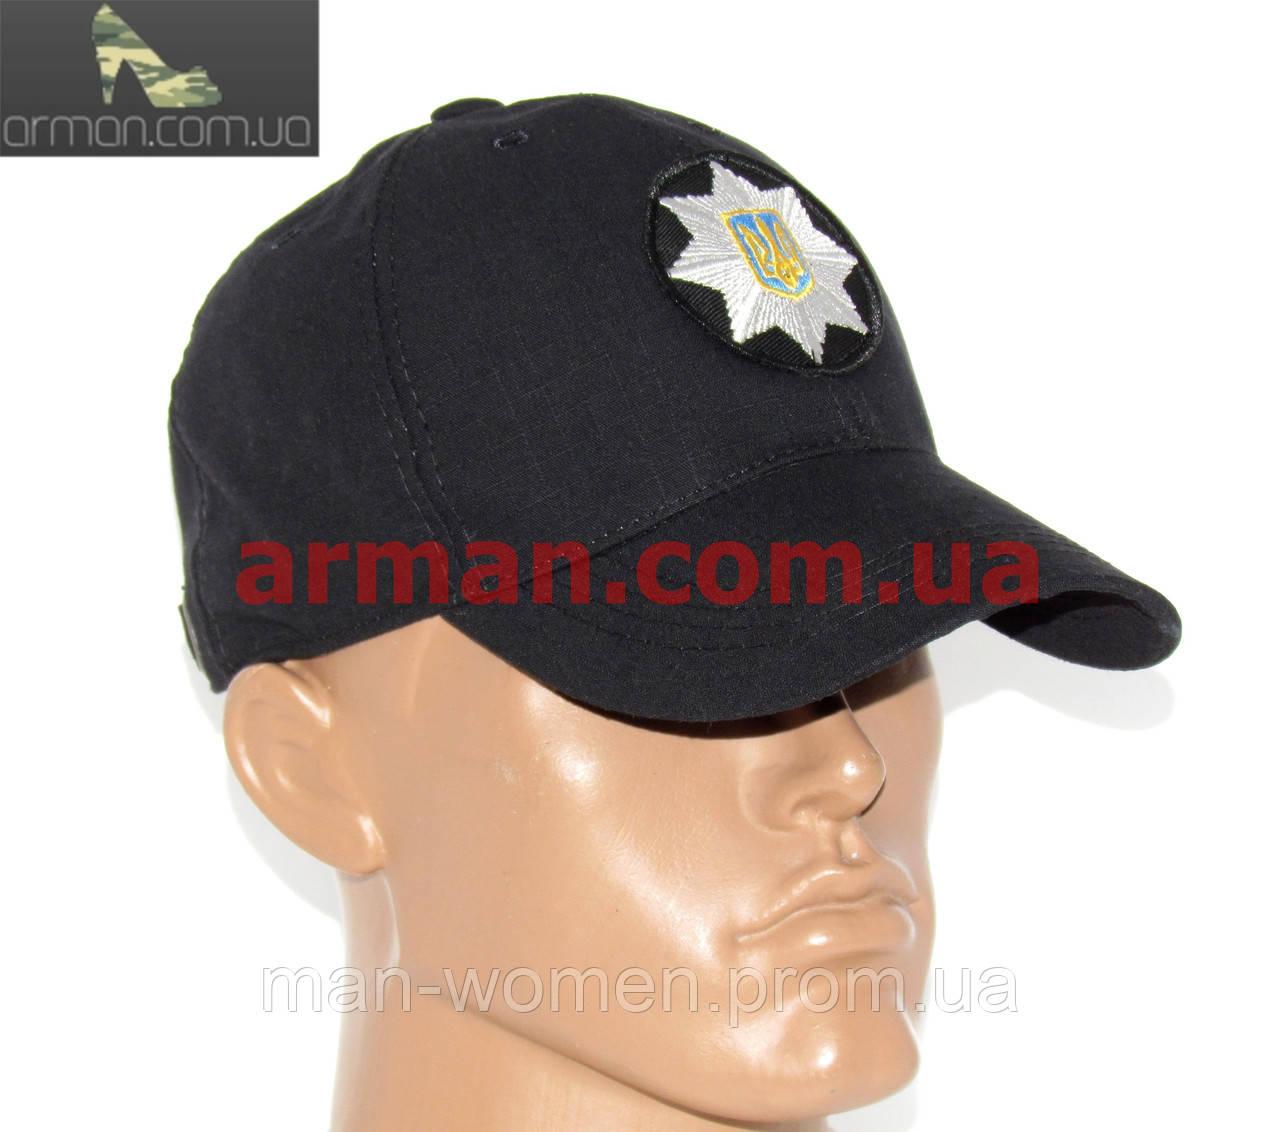 Бейсболка/кепка - Национальная полиция Украины/Національна поліція України. МВС. Полицейская кепка